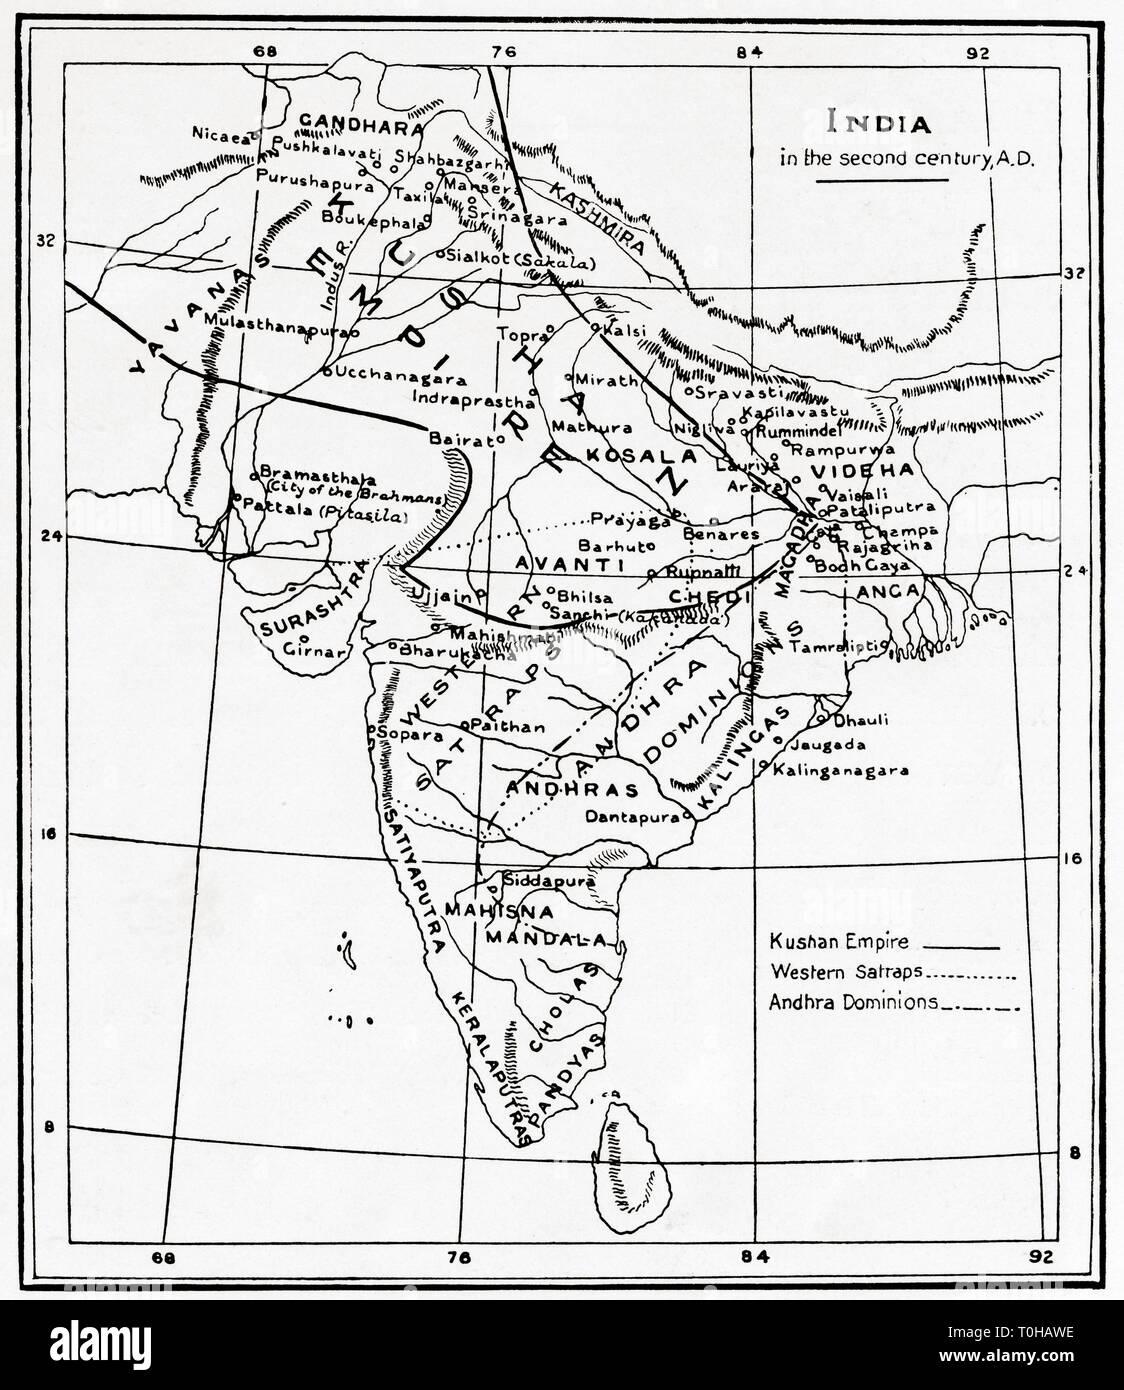 Mappa di India nel secondo secolo D.C. Immagini Stock